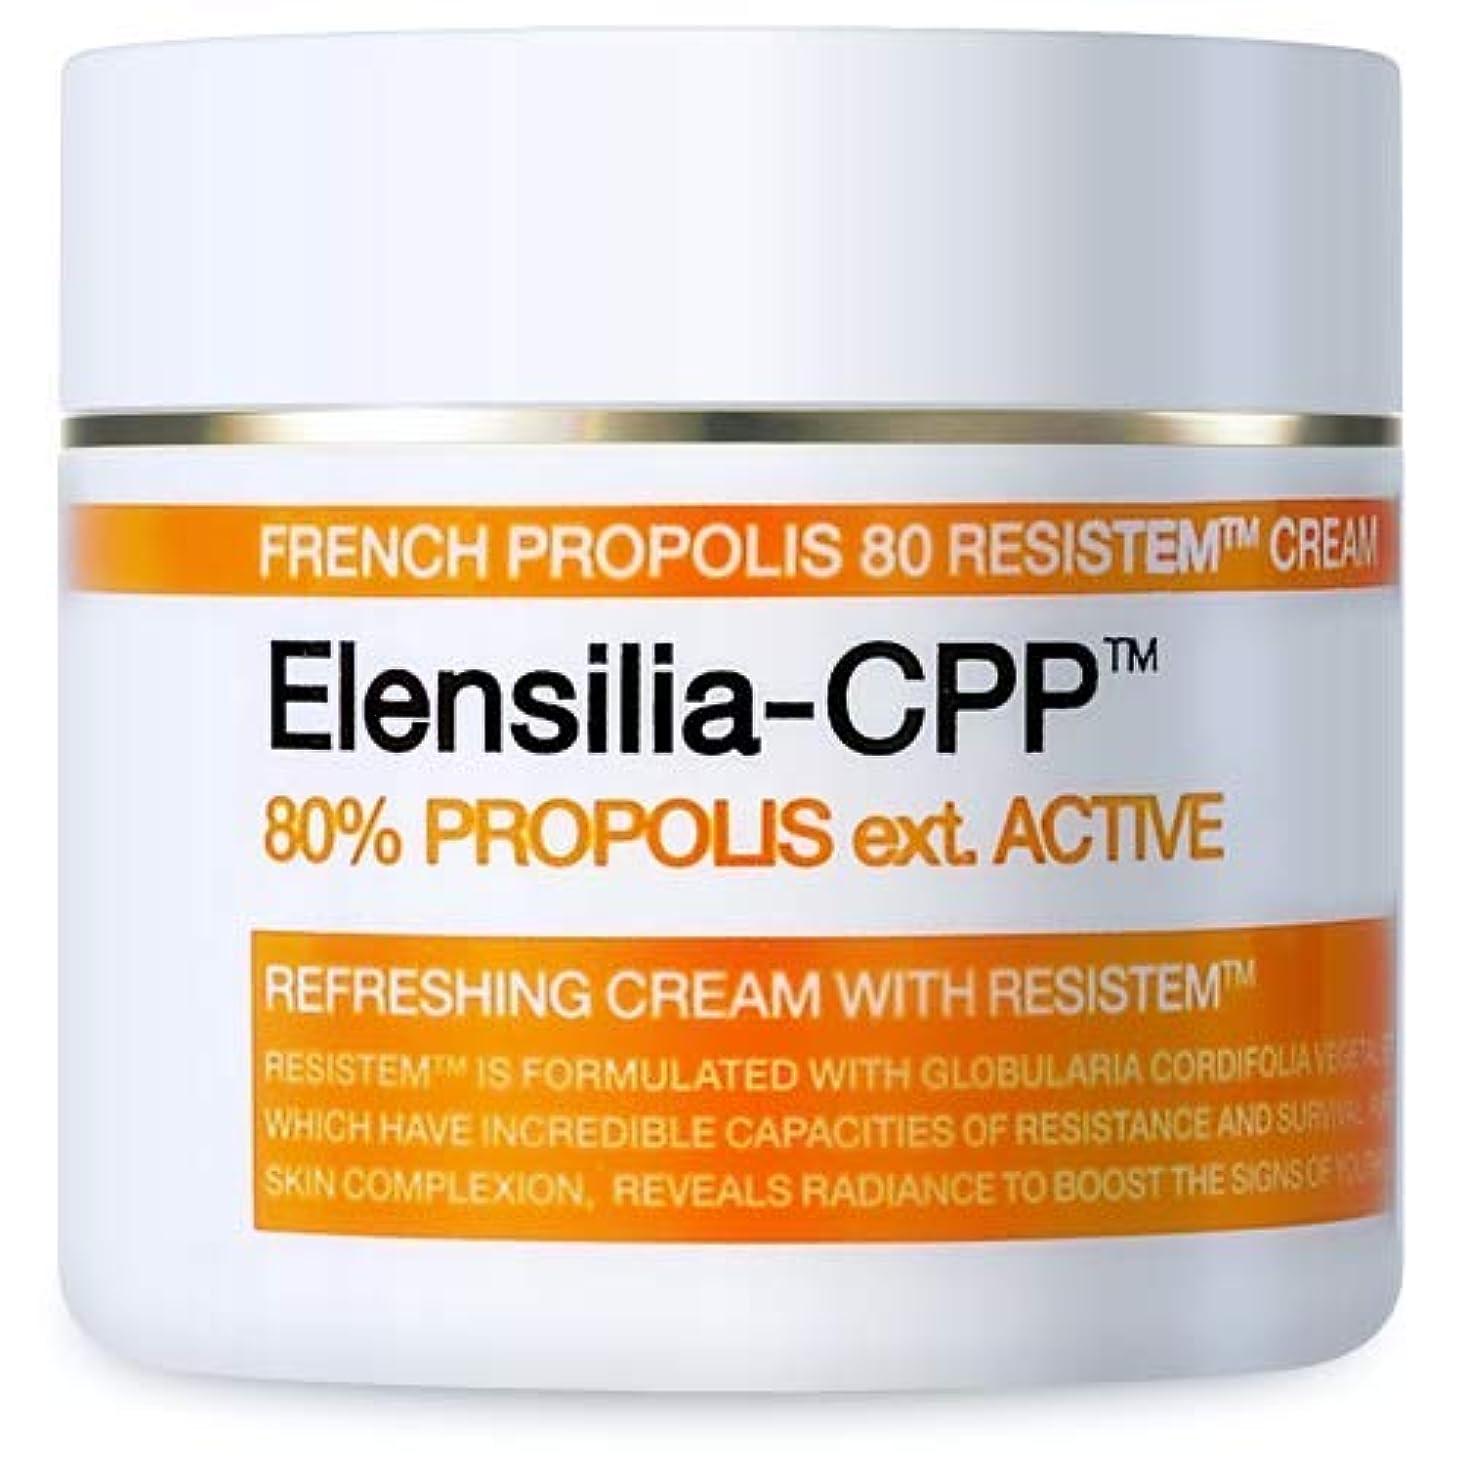 ソファー追い払う真剣にElensilia CPP フレンチ プロポリス 80 リシステム クリーム / CPP French Propolis 80 Resistem Cream (50g) [並行輸入品]